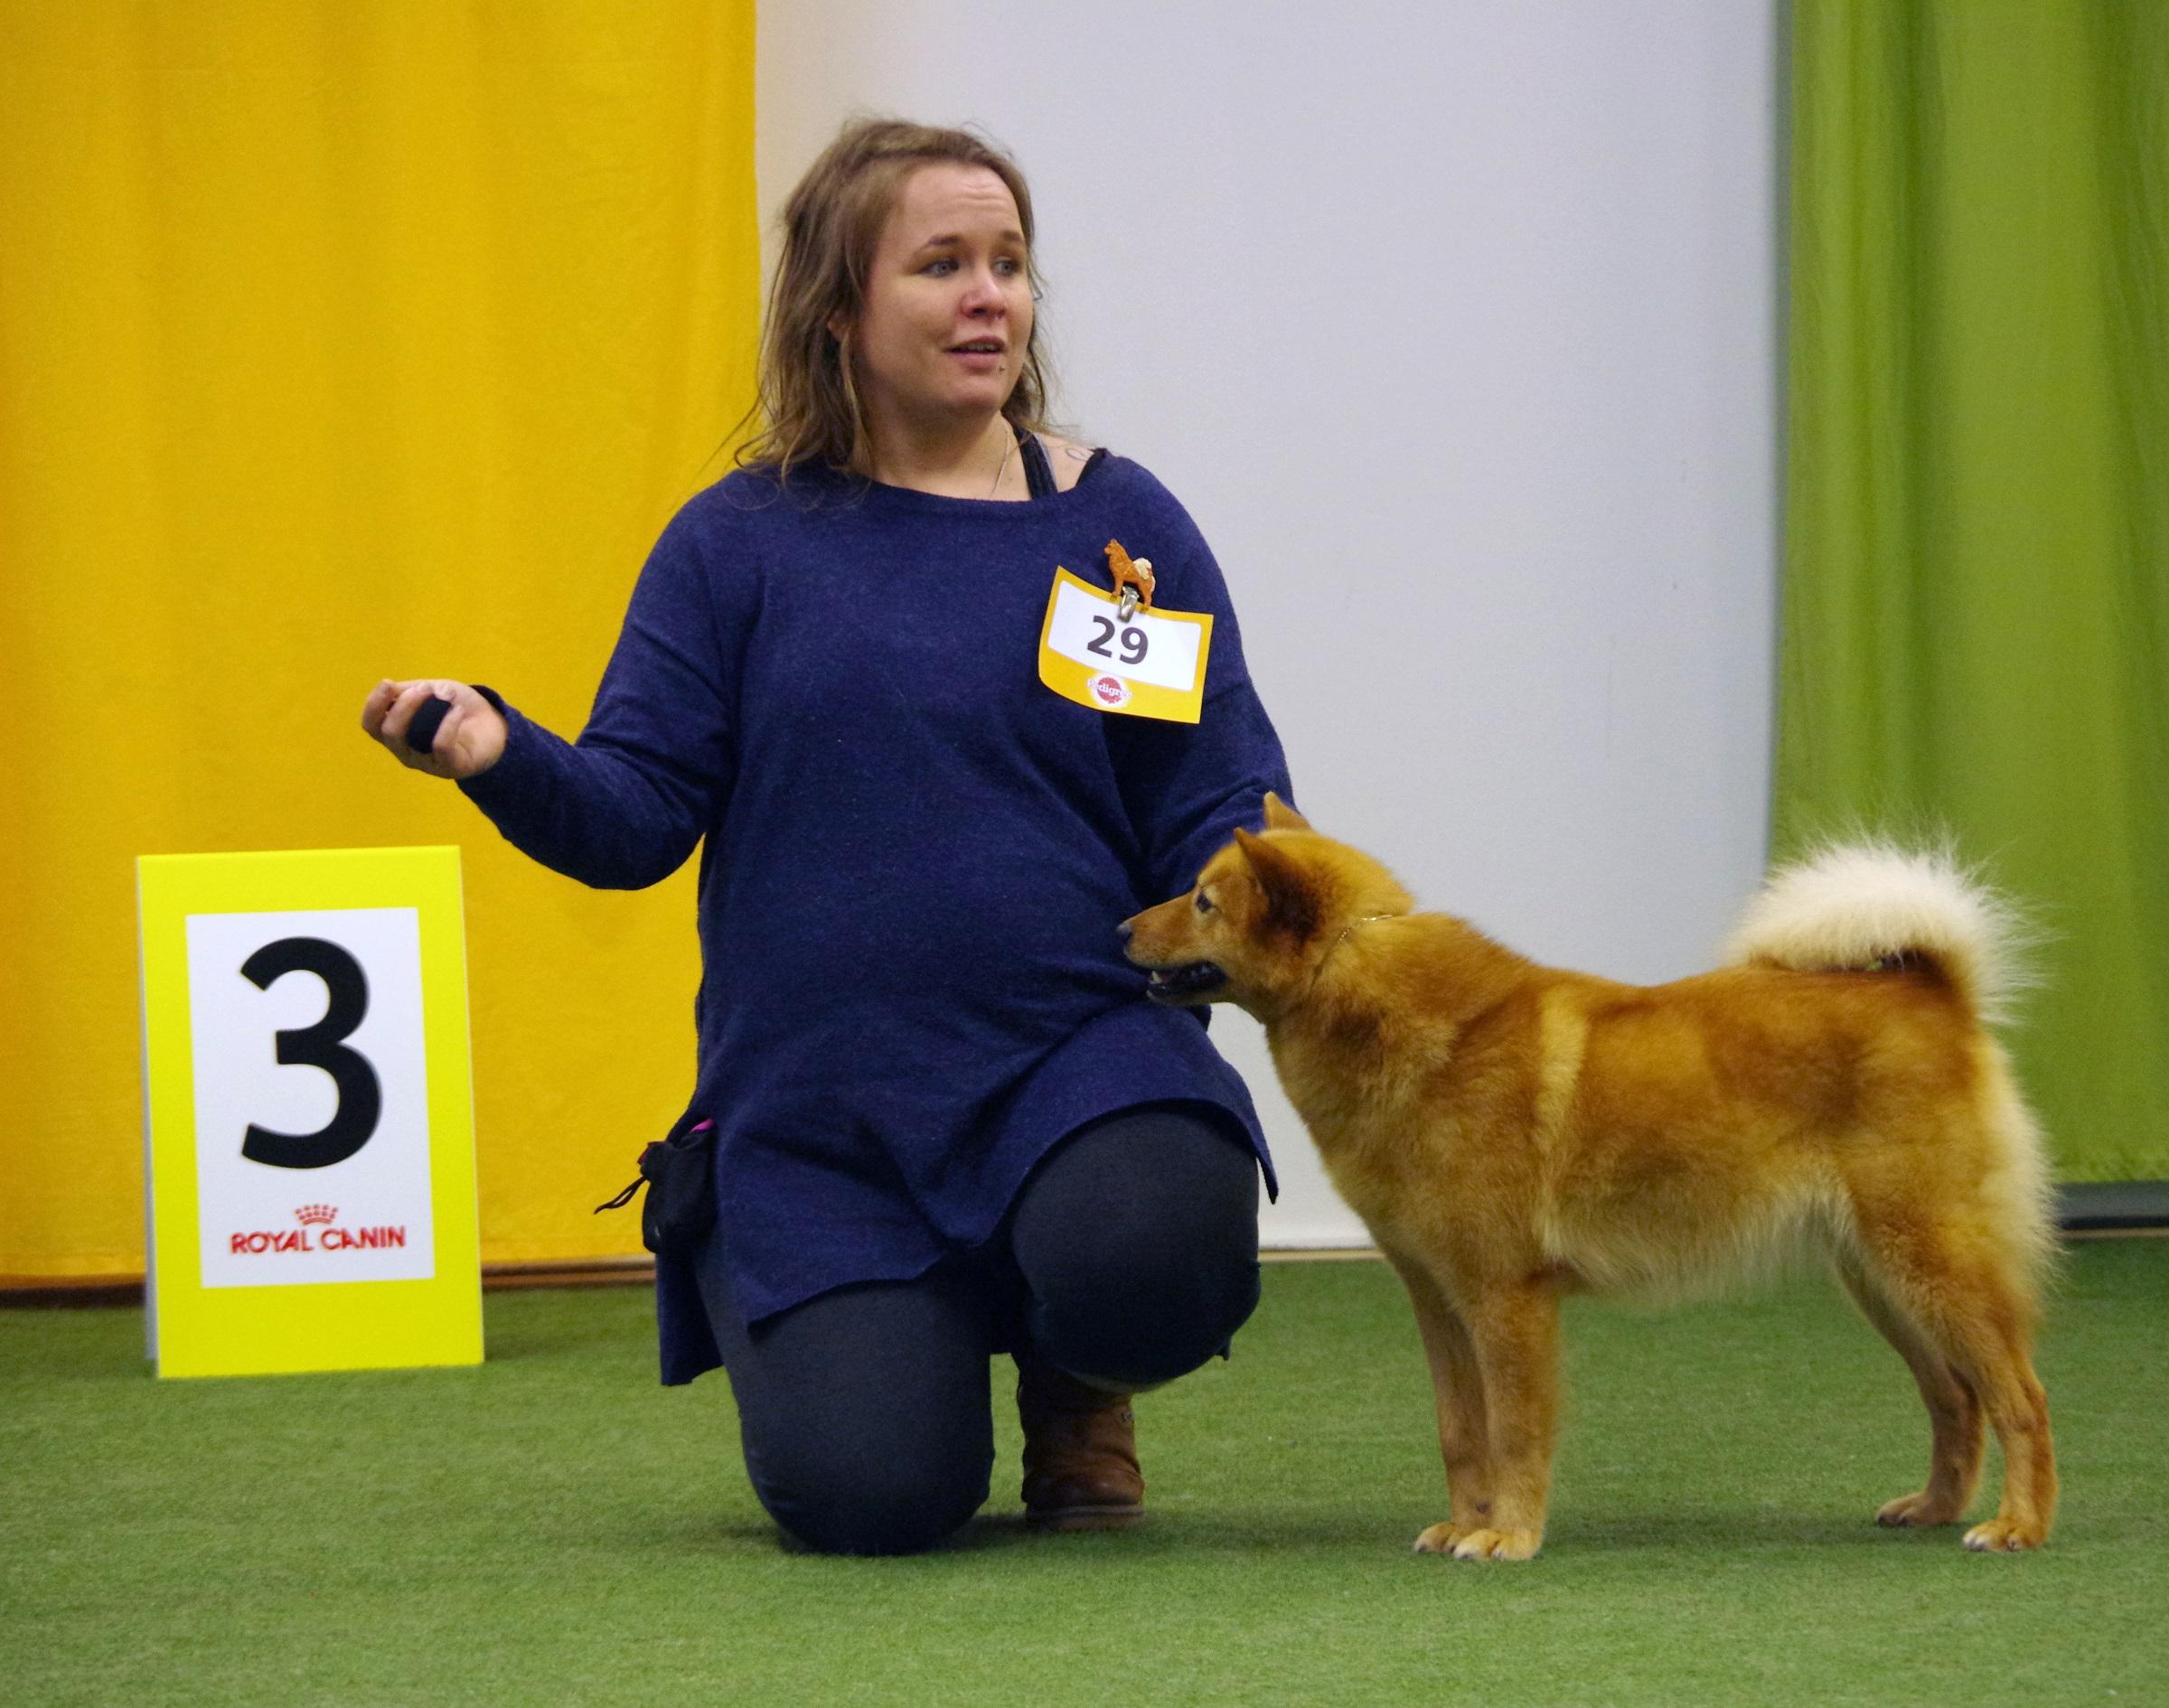 Den finska tiken Kekkeruusin Vieno fick ck och placerade sig på tredje plats i jaktklassen vilket innebar att hon även blev Svensk utställningschampion denna dag! Foto: Göran Östlund